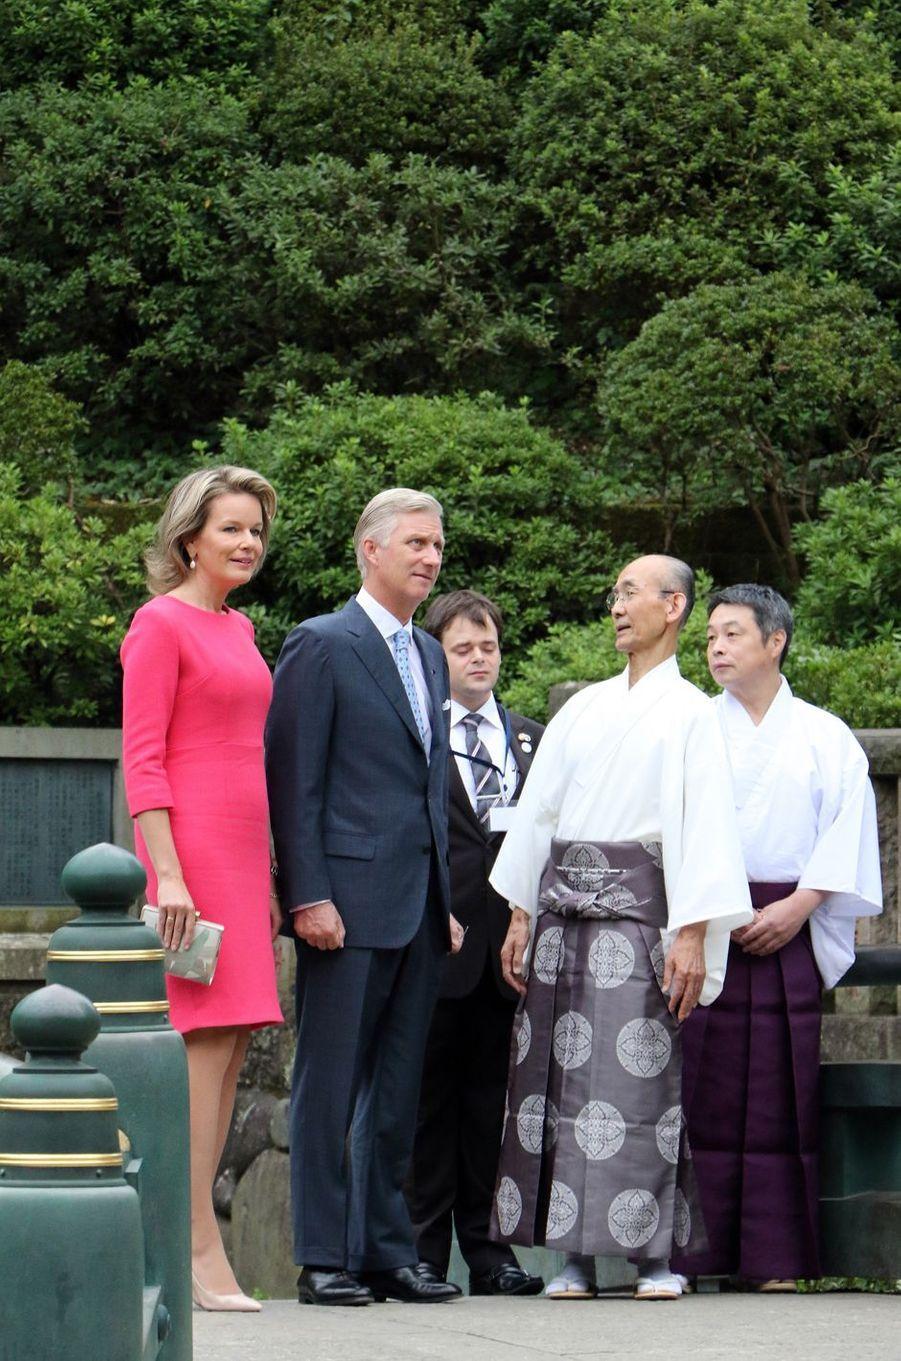 La reine Mathilde et le roi Philippe de Belgique visitent le sanctuaire shinto de Nezu à Tokyo, le 10 octobre 2016